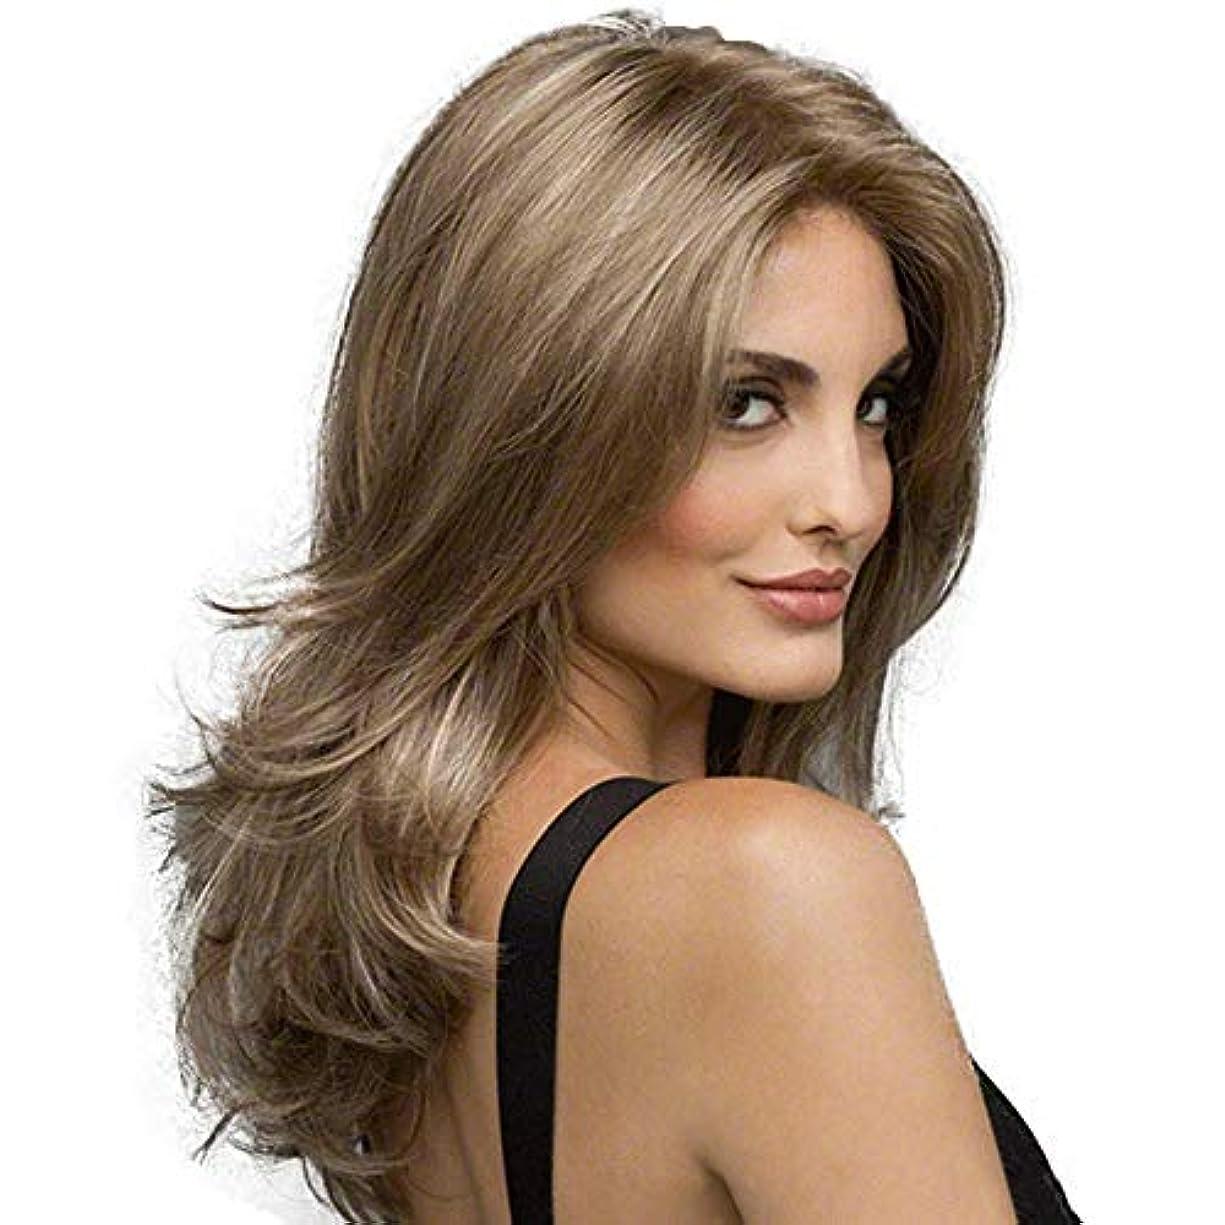 古代メンダシティ忘れる女性の長い巻き毛の波状の髪のかつら22インチ魅力的な自然な人間の髪のかつら熱にやさしい人工毛交換かつらハロウィンコスプレ衣装アニメパーティーかつら (Color : Linen brown)